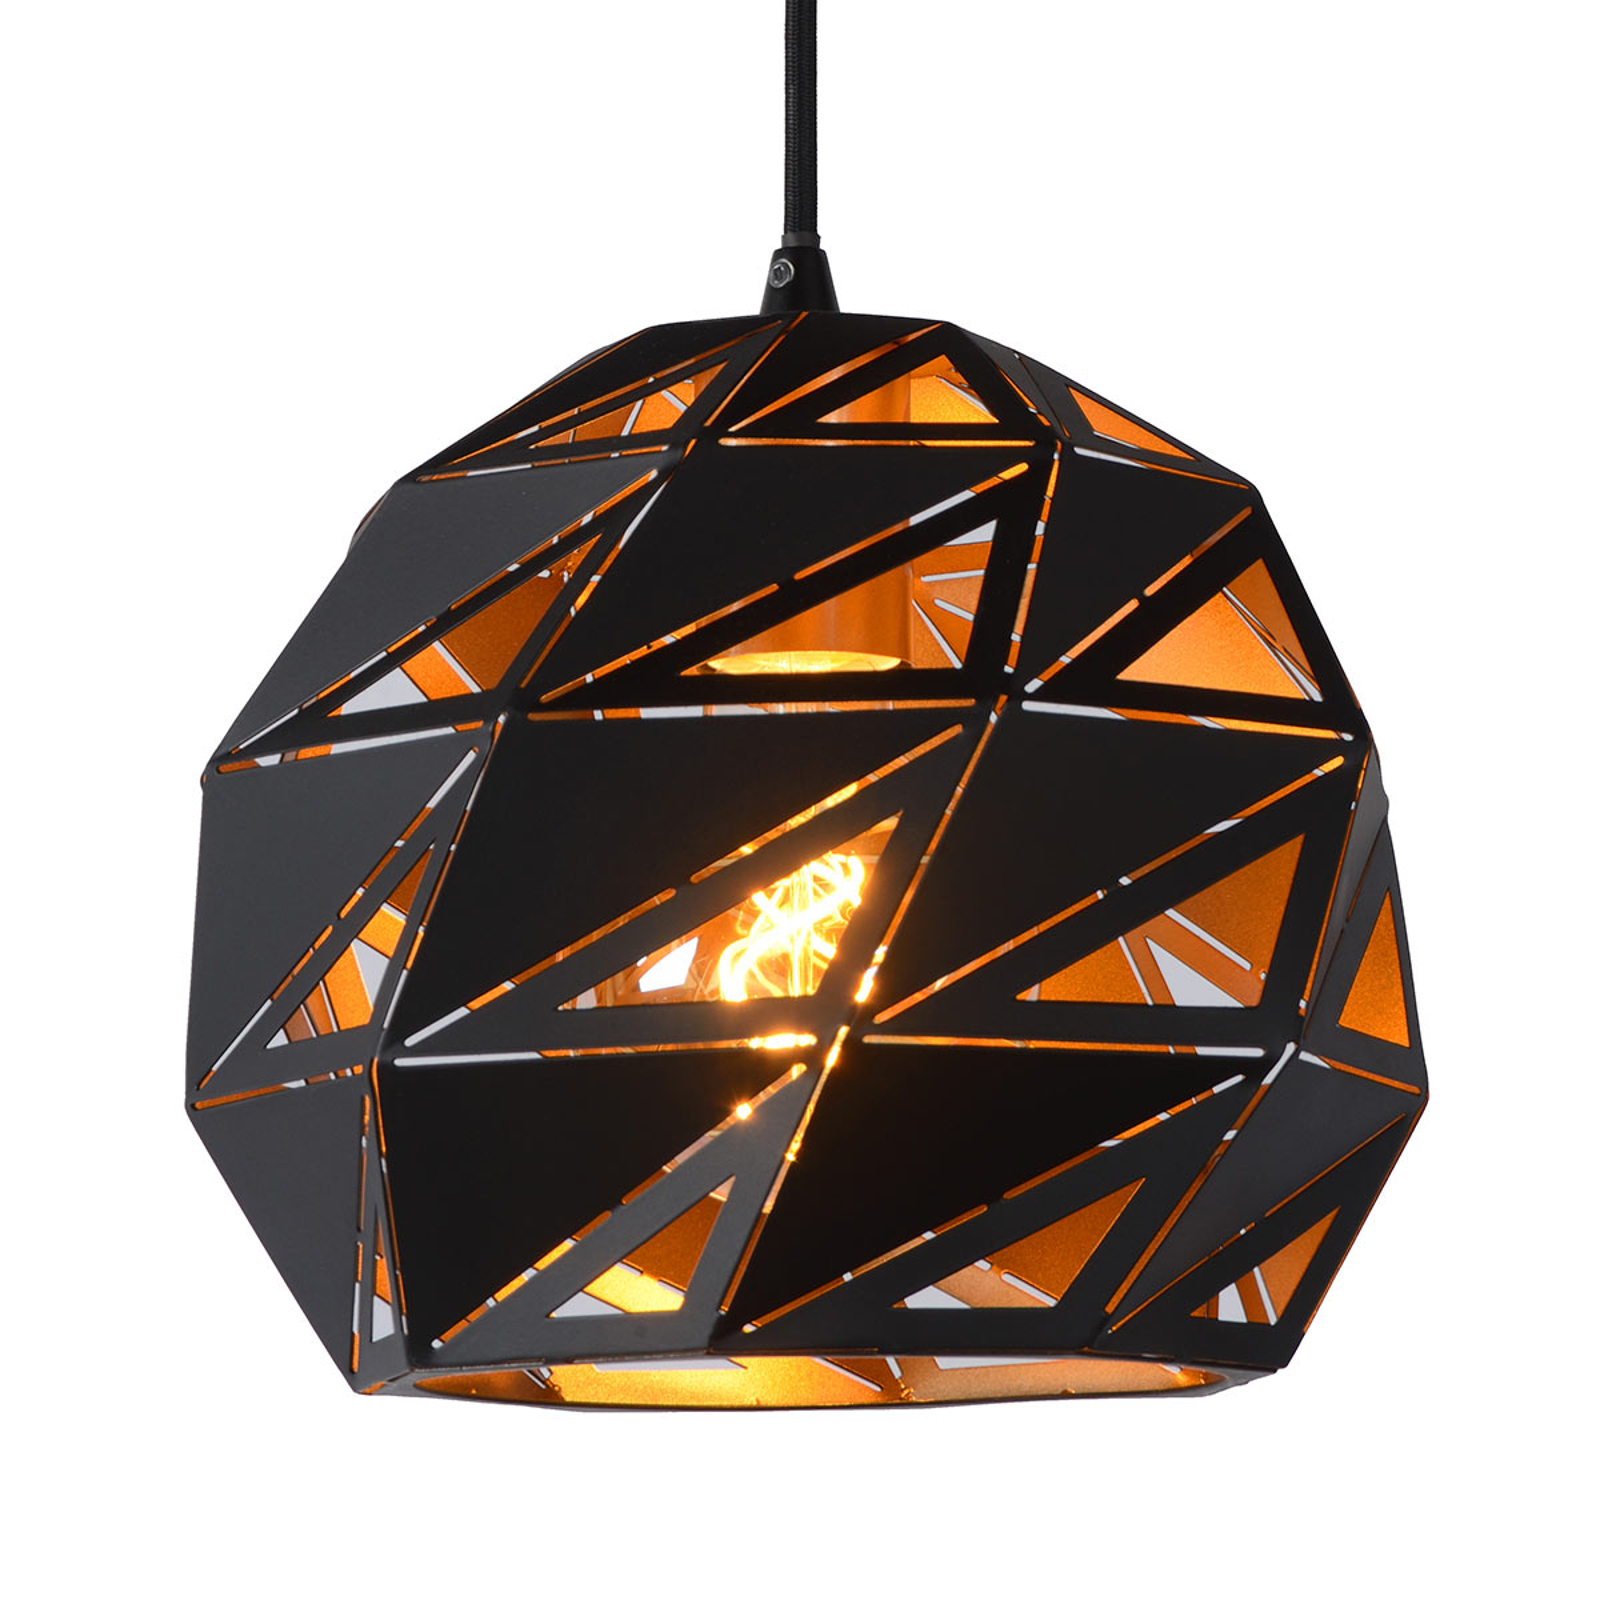 Lampa wisząca Malunga, czarno-złota